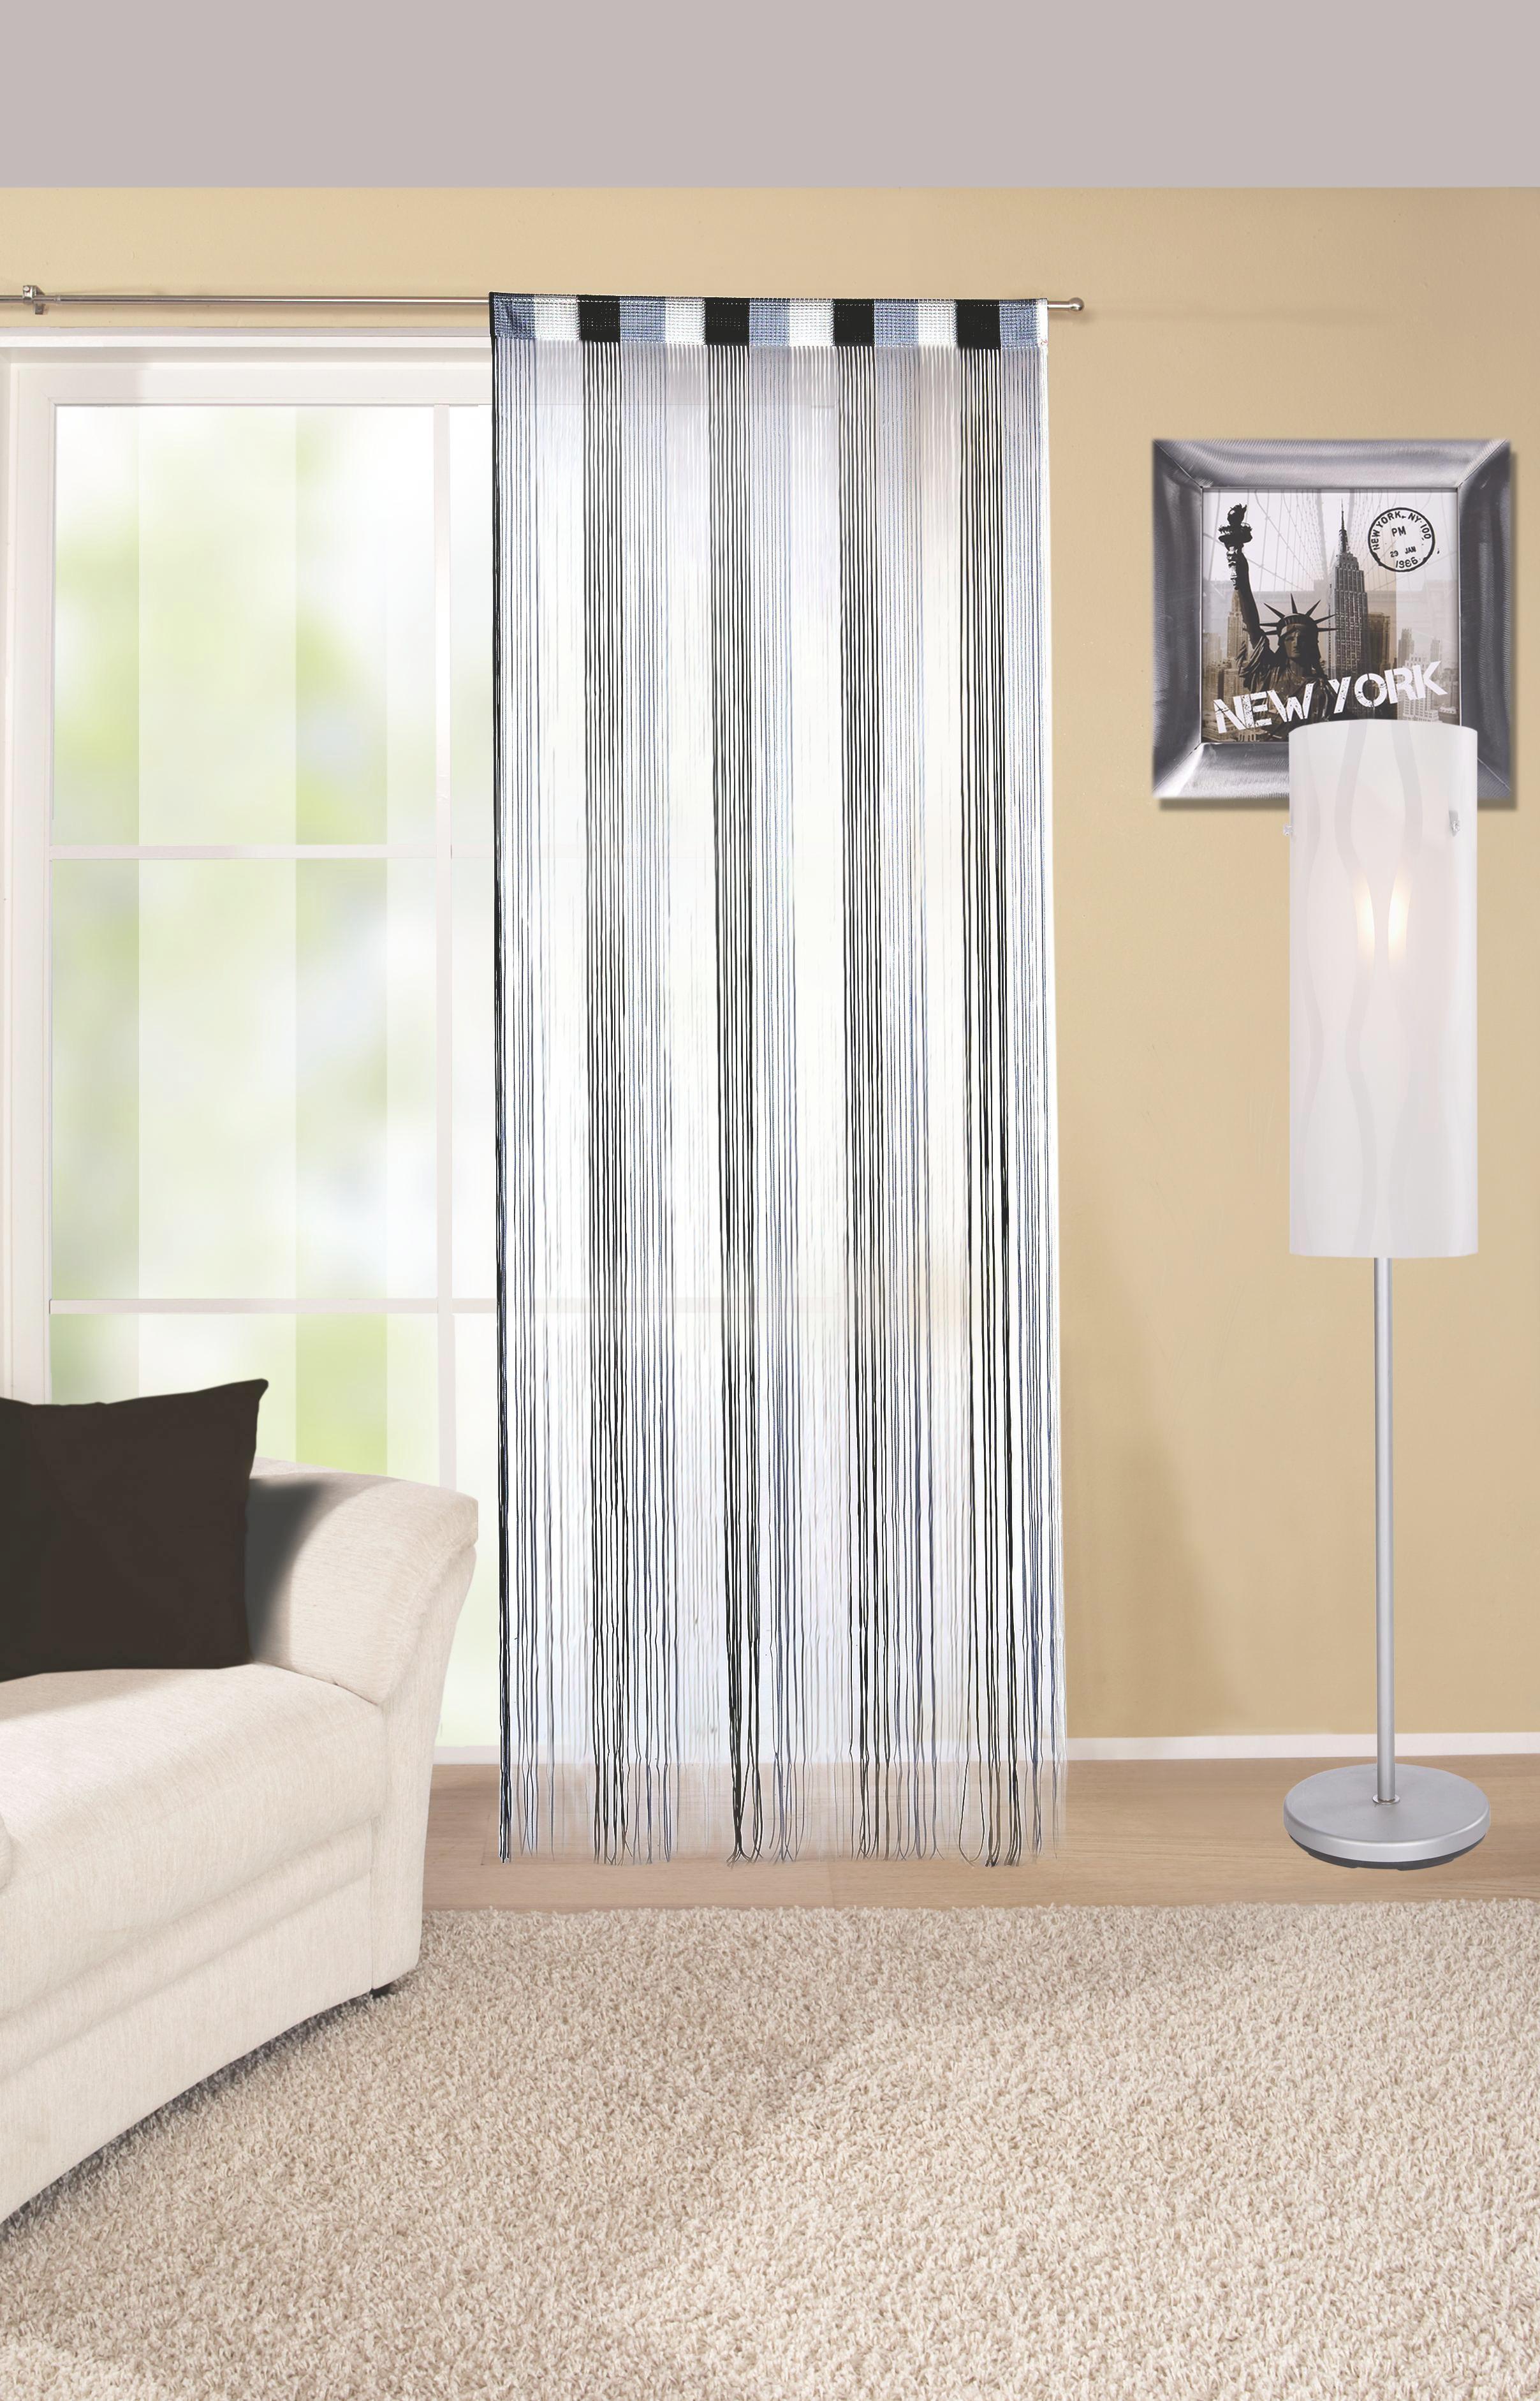 Fadenvorhang Stangendurchzug Rita B: 90cm Grau/Schwarz/Weiß - Beispielbild Wohnzimmer